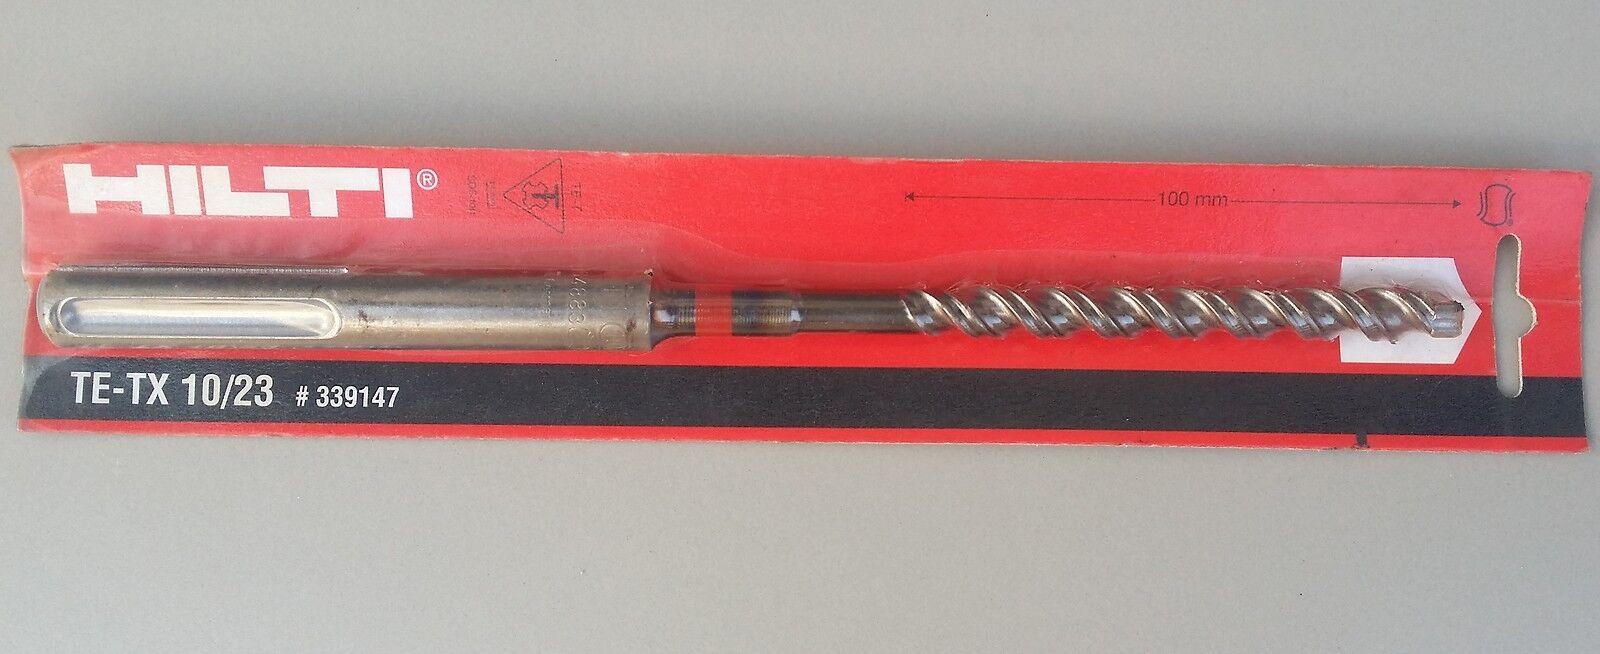 Hilti TE-TX 15 33 Bohrer SDS Top auch passend für Bosch 60% Rabatt Hammerbohrer